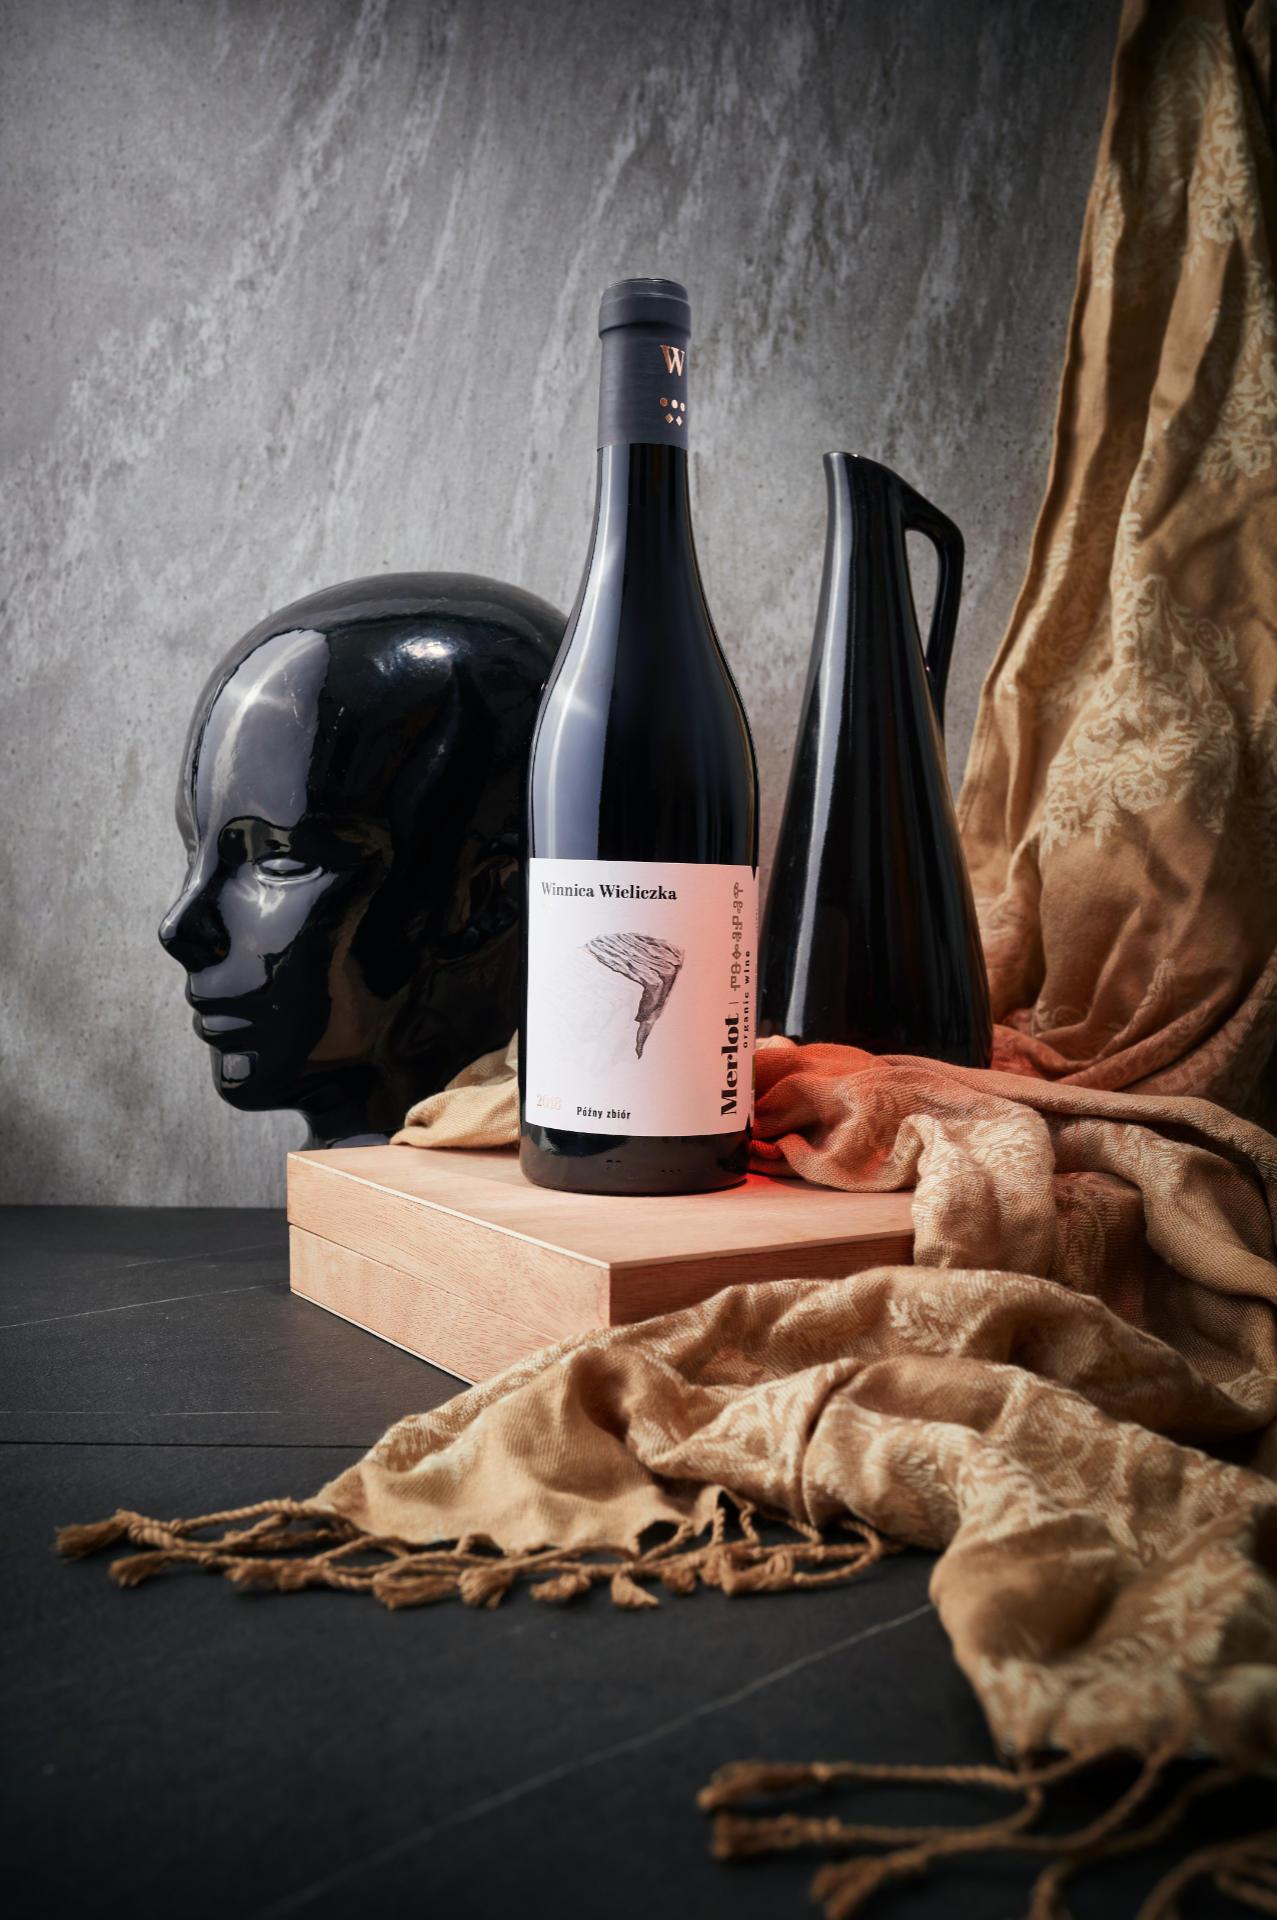 Fotografia reklamowa wina wykonana przez Mateusza Drozda dla Winnicy Wieliczka